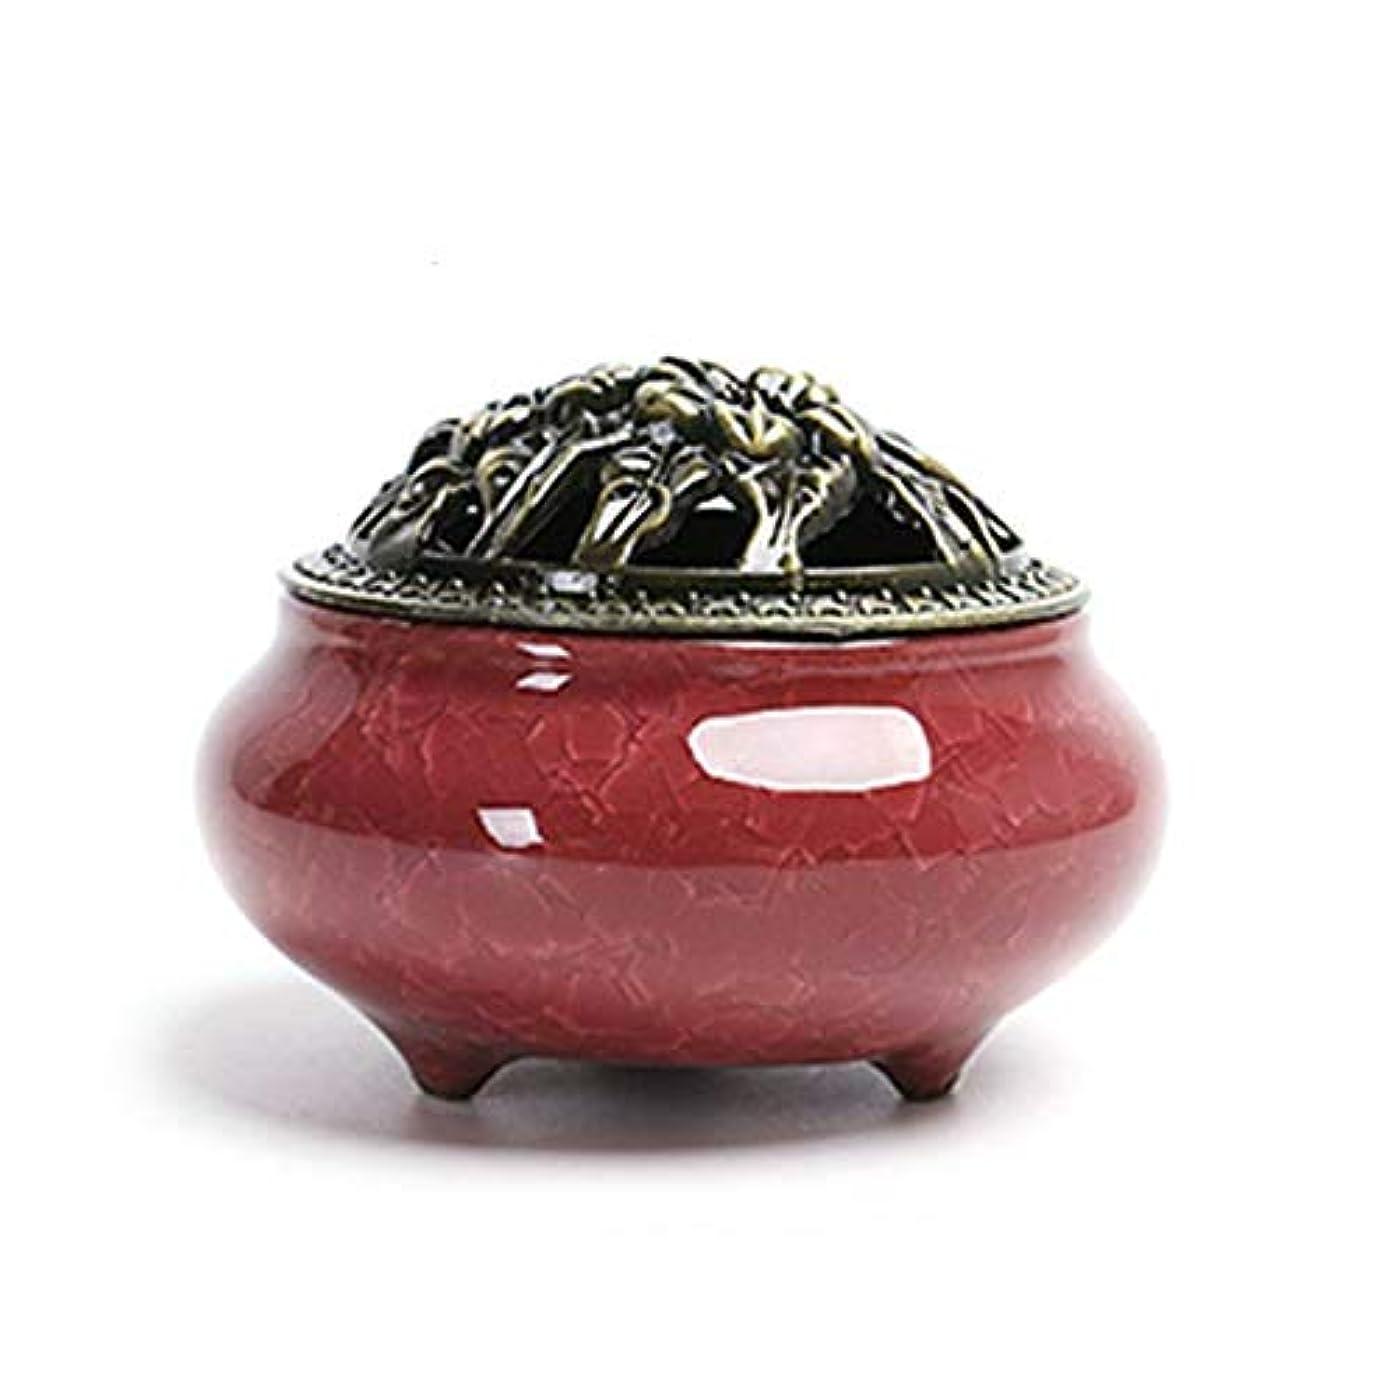 余計なクール早くセラミック 家庭用 アロマセラピー 炉 氷 クラッキング 窯 アロマセラピー 炉 フレグランス コーン コイル 香炉 真鍮 ひょうたん 香炉